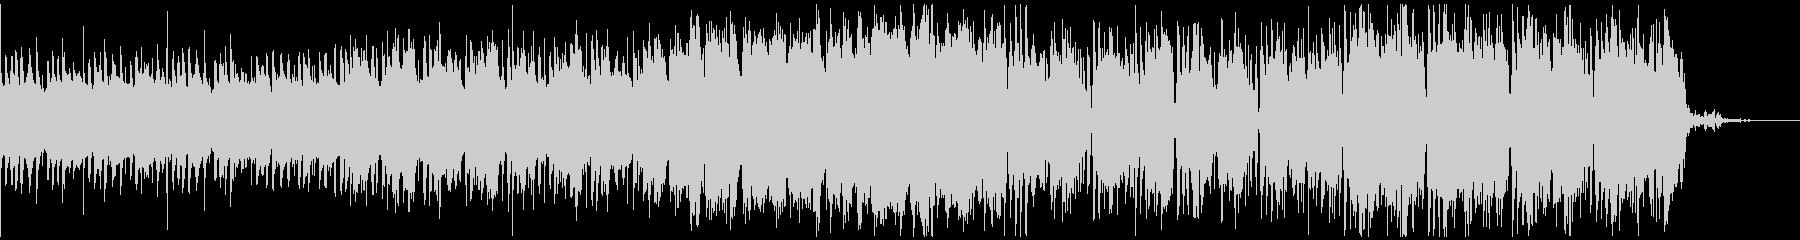 スタイリッシュ、近未来系BGMの未再生の波形